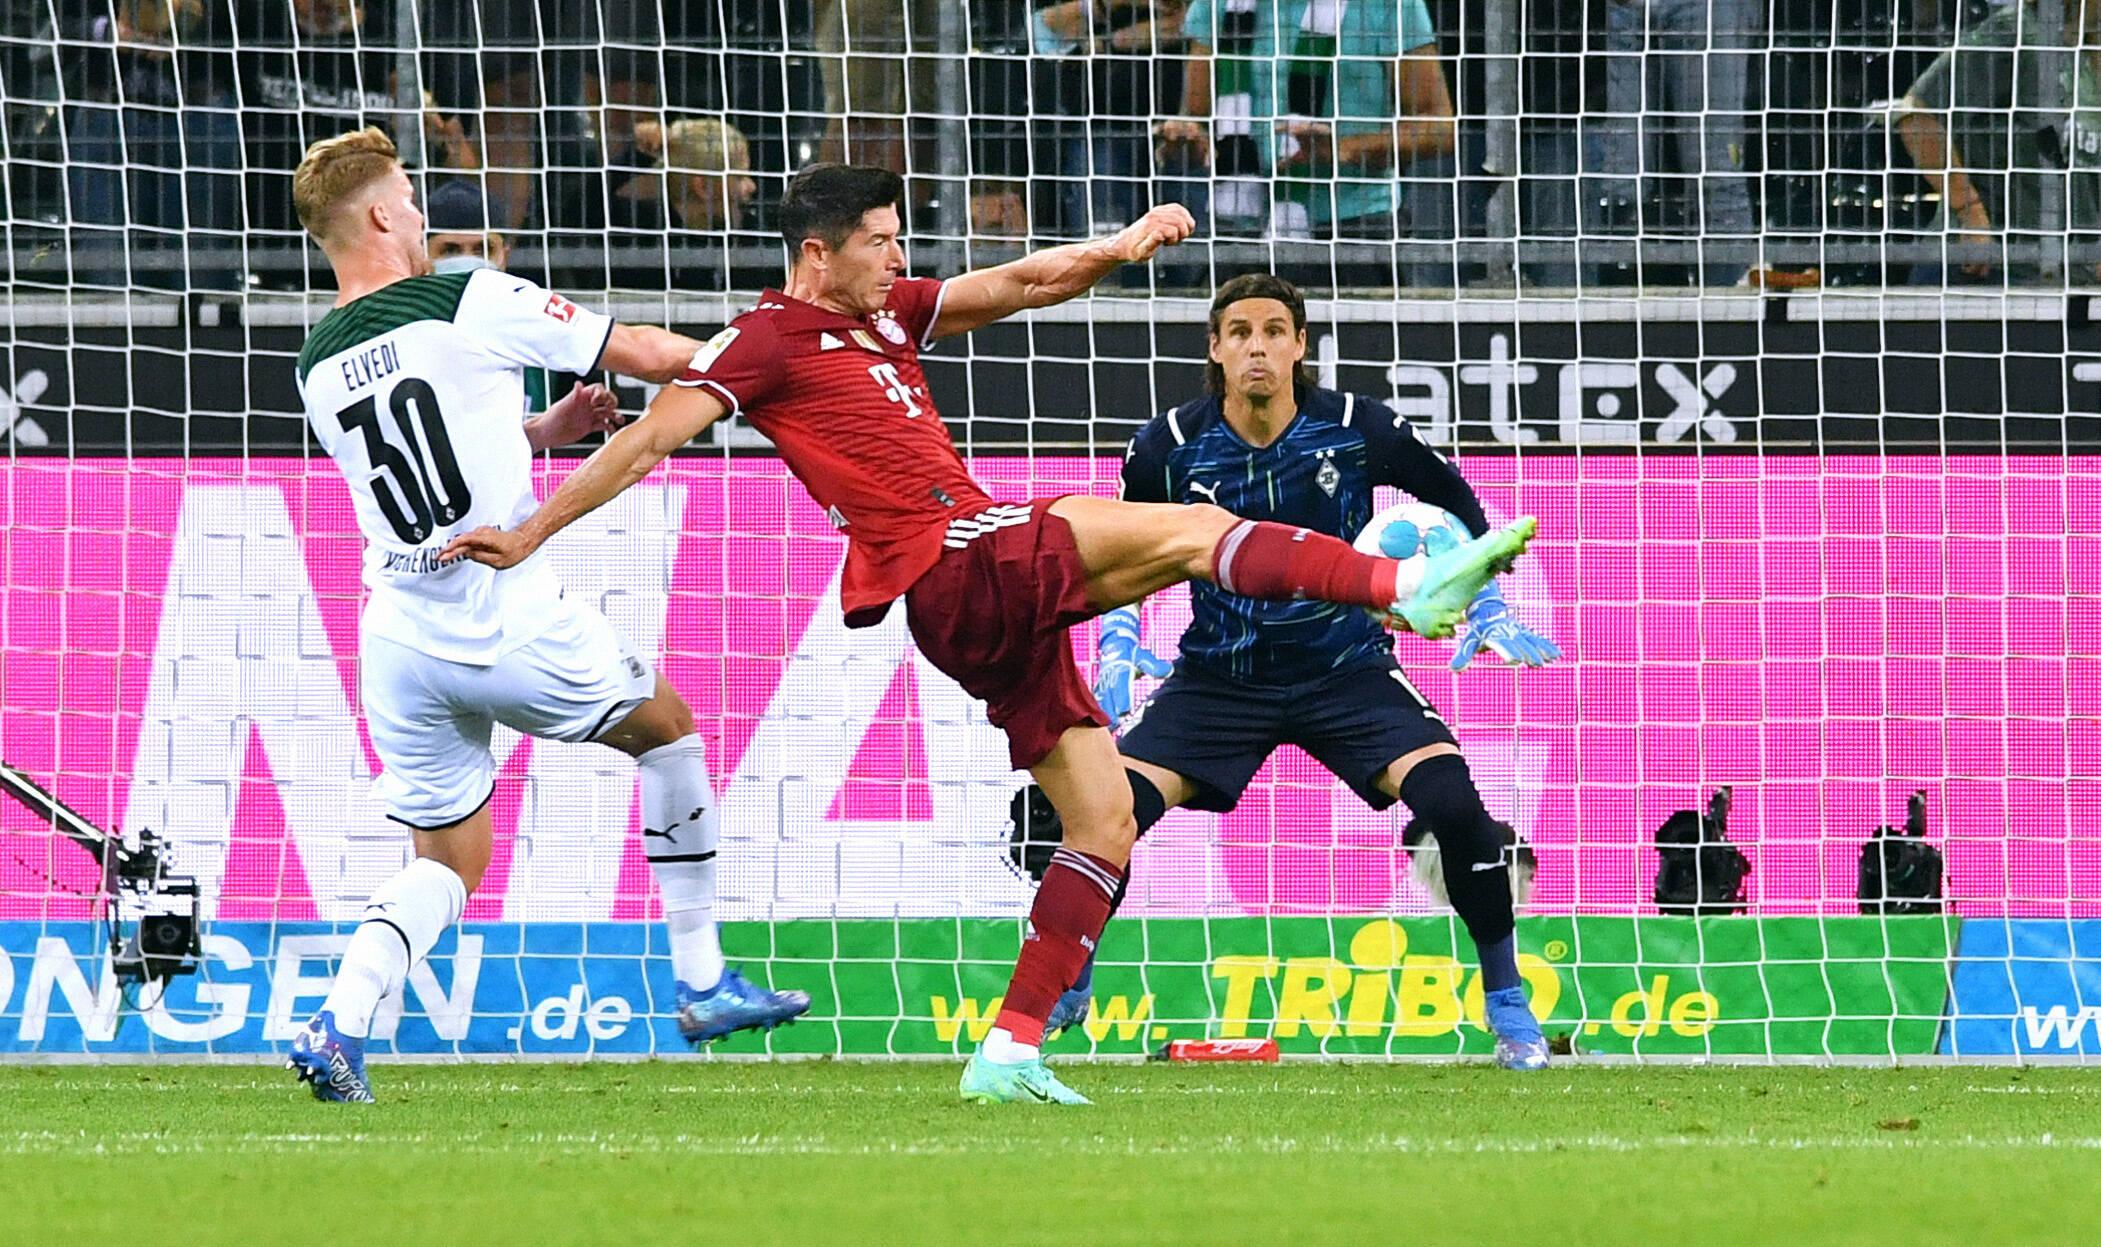 Con goles de Robert Lewandowski y Alassane Pléa, Borussia Mönchengladbach y FC Bayern München no se pudieron sacar diferencias en su debut en la Bundesliga. Foto: Imago.